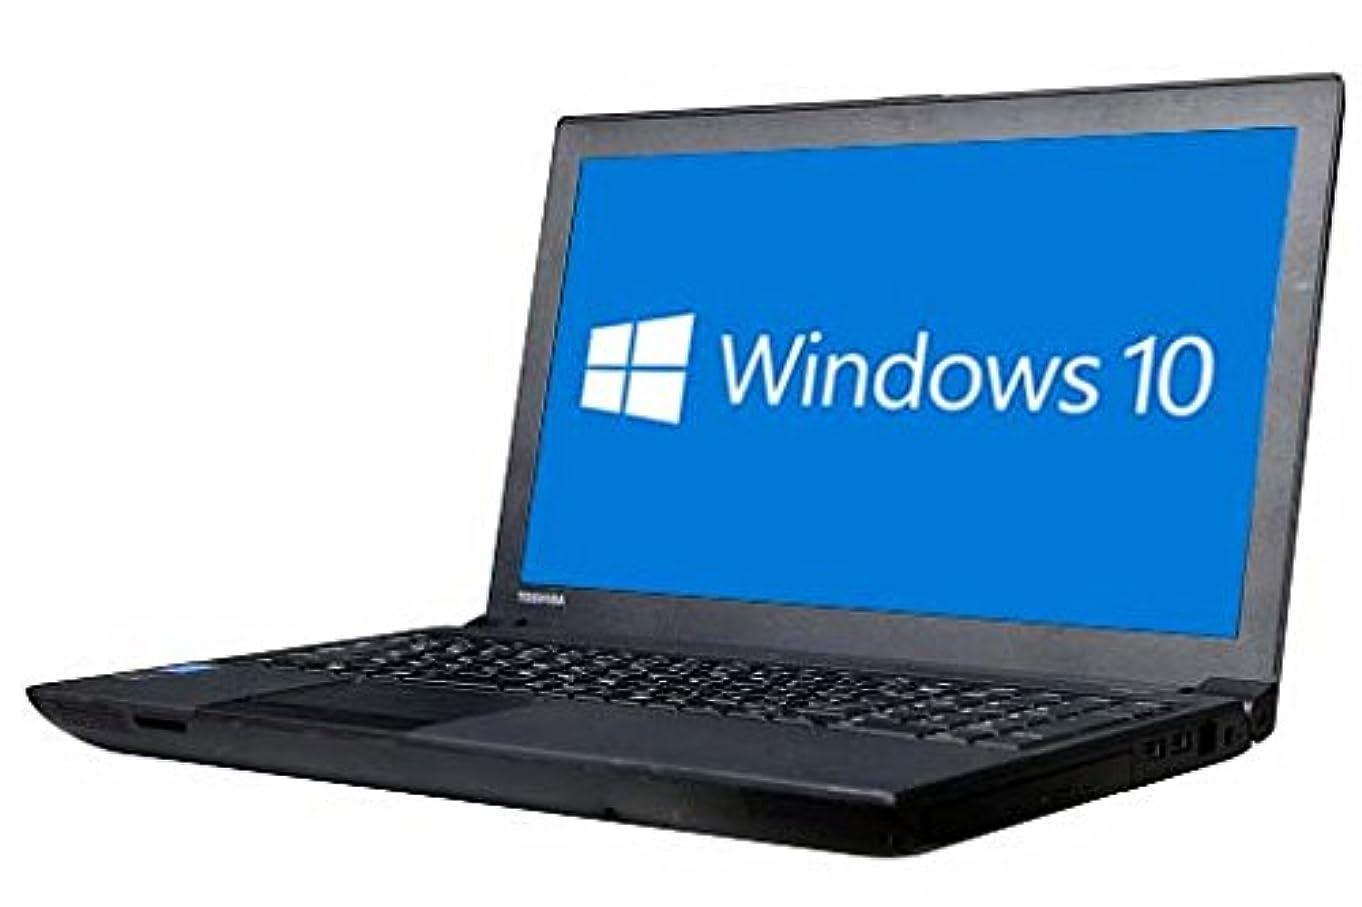 主流変形する政策中古 東芝 ノートパソコン dynabook Satellite B553/J Windows10 64bit搭載 テンキー付 Core i5-3340M搭載 メモリー4GB搭載 HDD500GB搭載 W-LAN搭載 DVDマルチ搭載